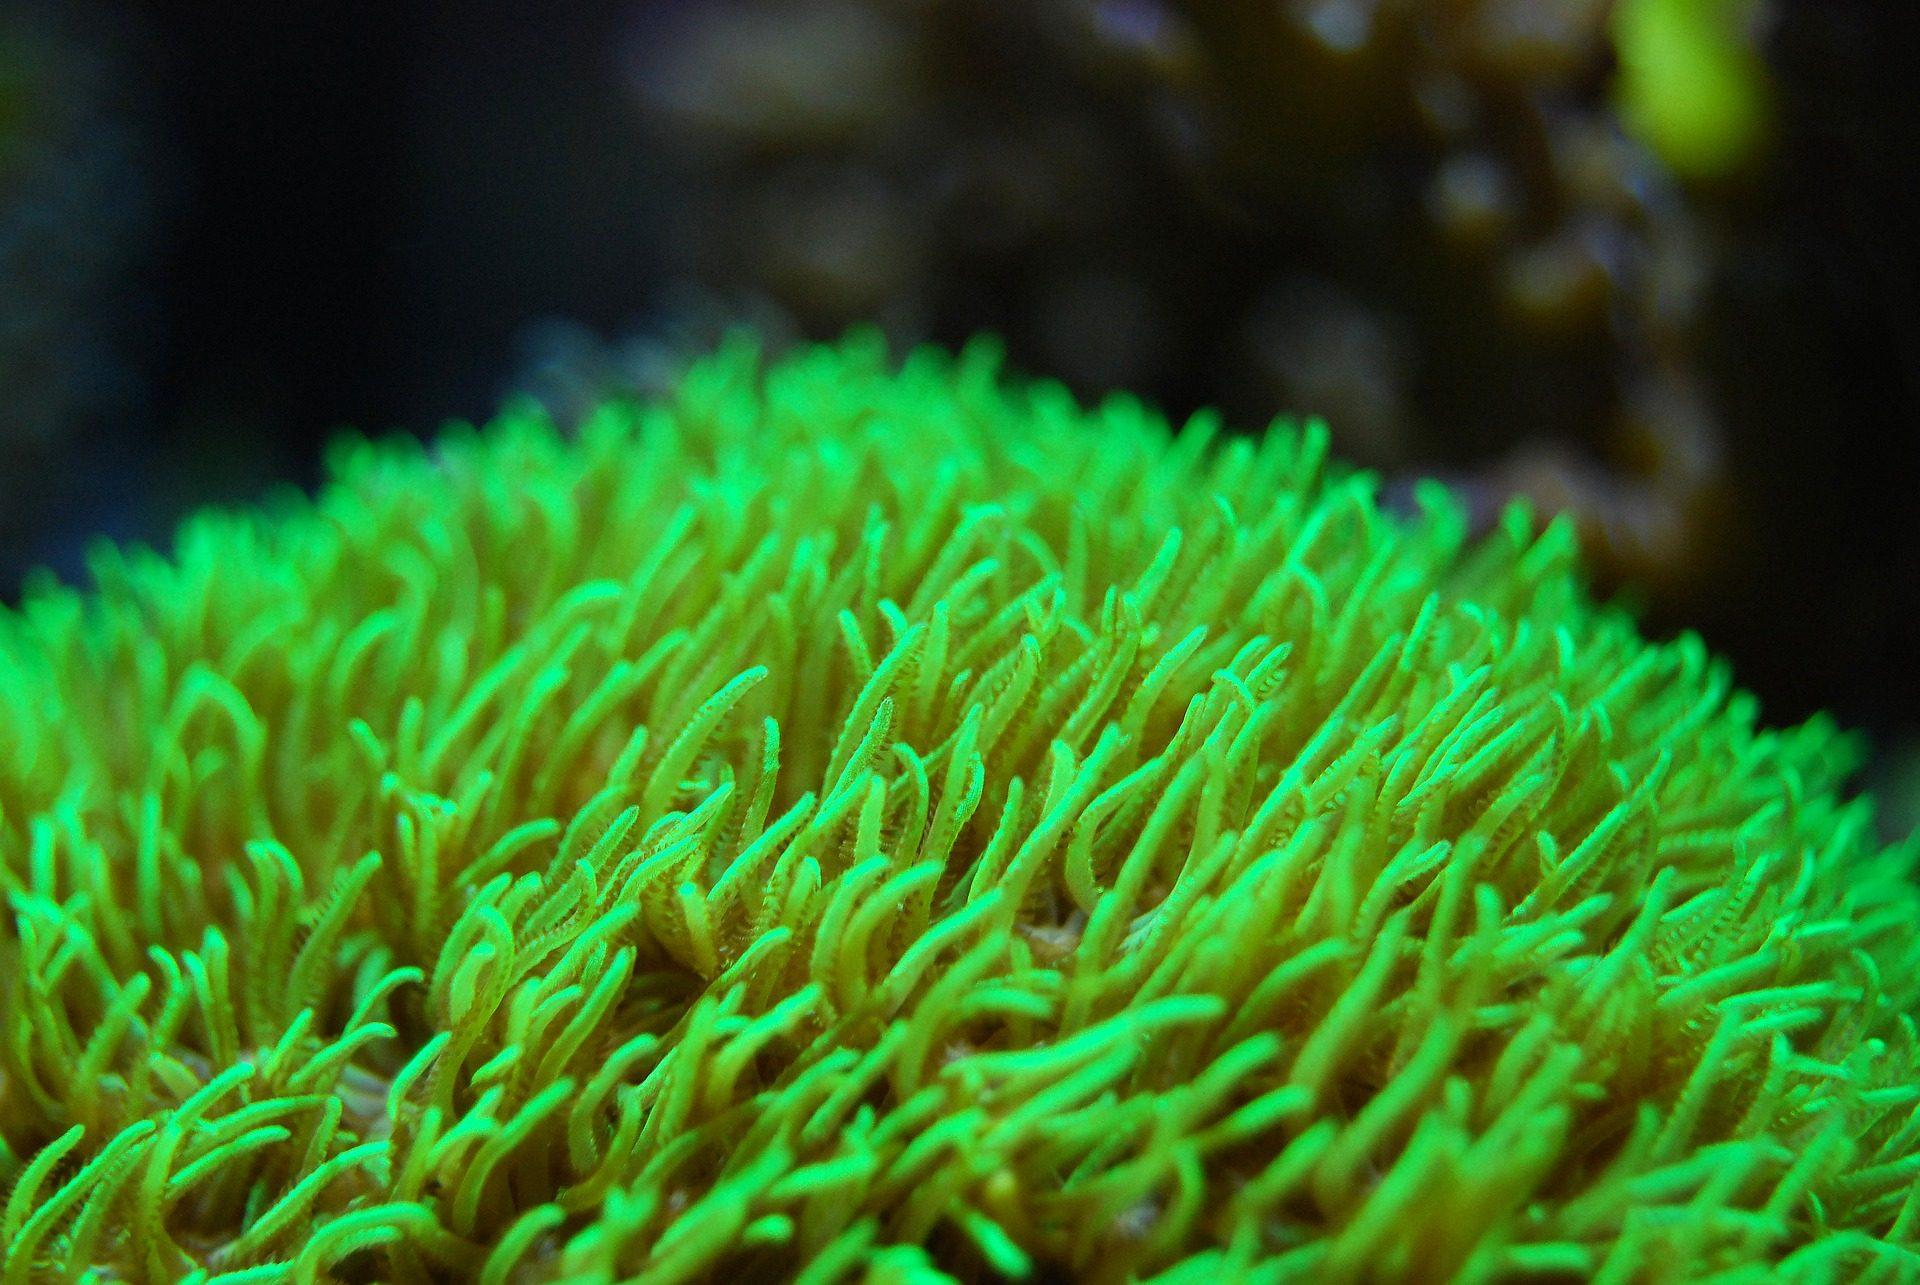 珊瑚, 群礁, 海, océano, 海洋 - 高清壁纸 - 教授-falken.com